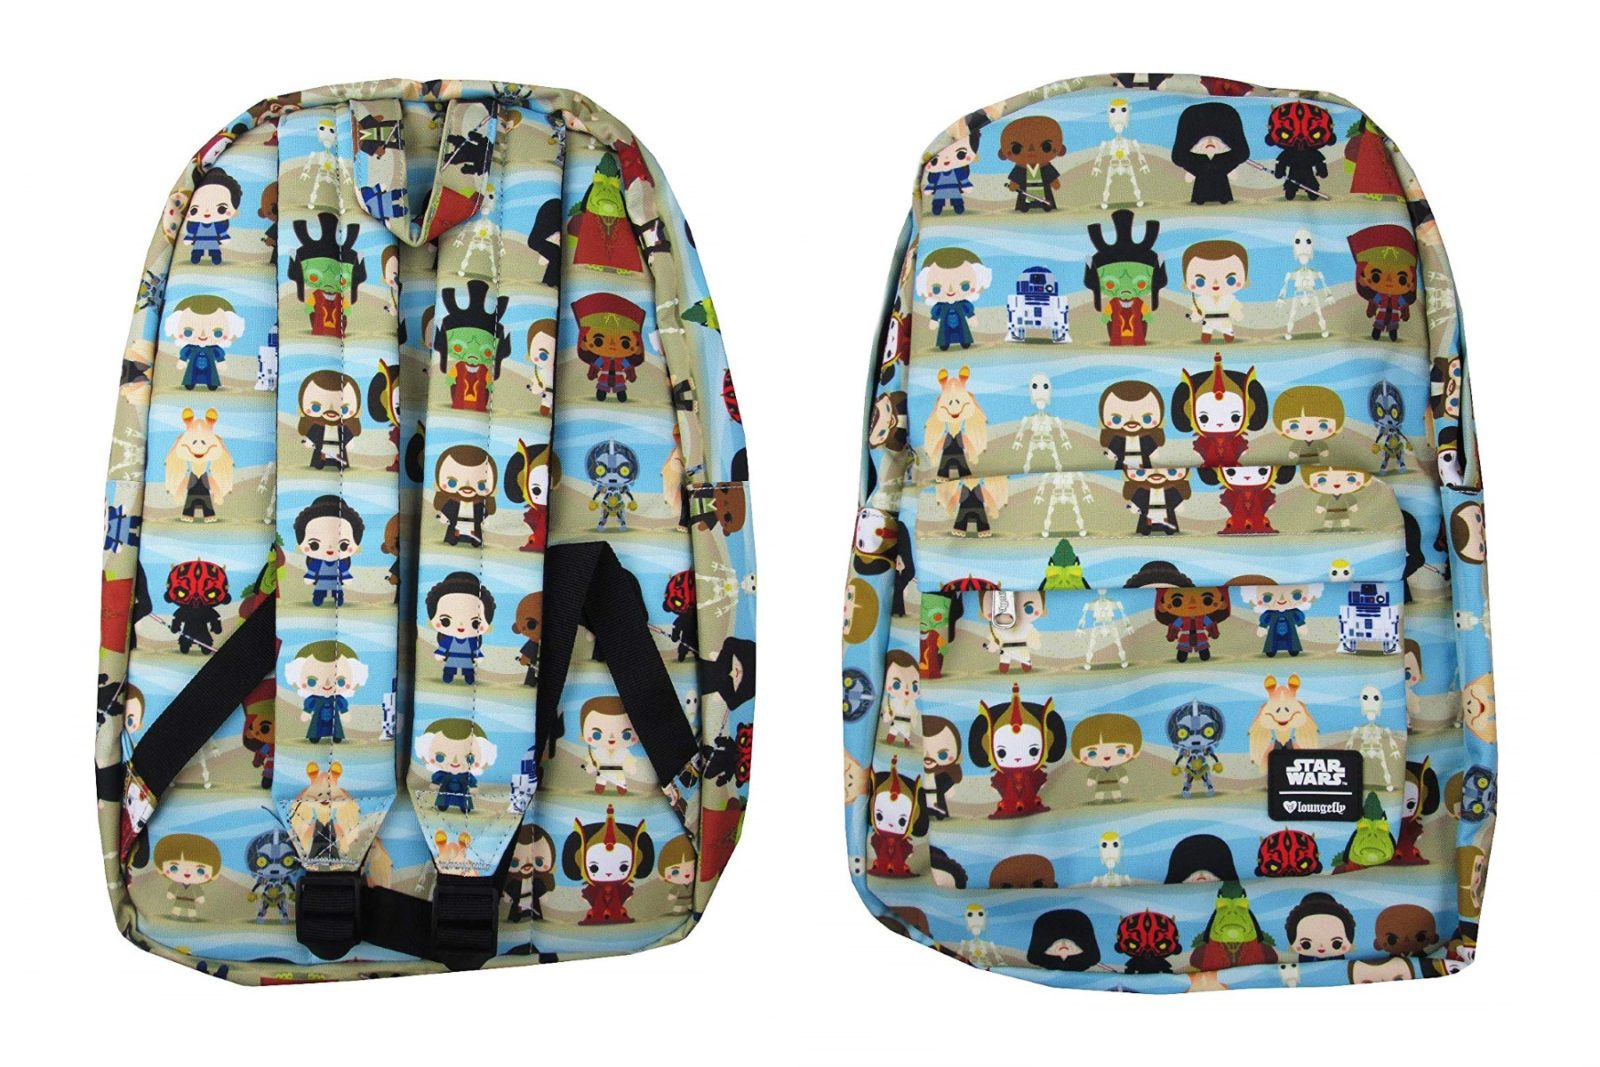 Loungefly TPM Chibi Backpack on Amazon!